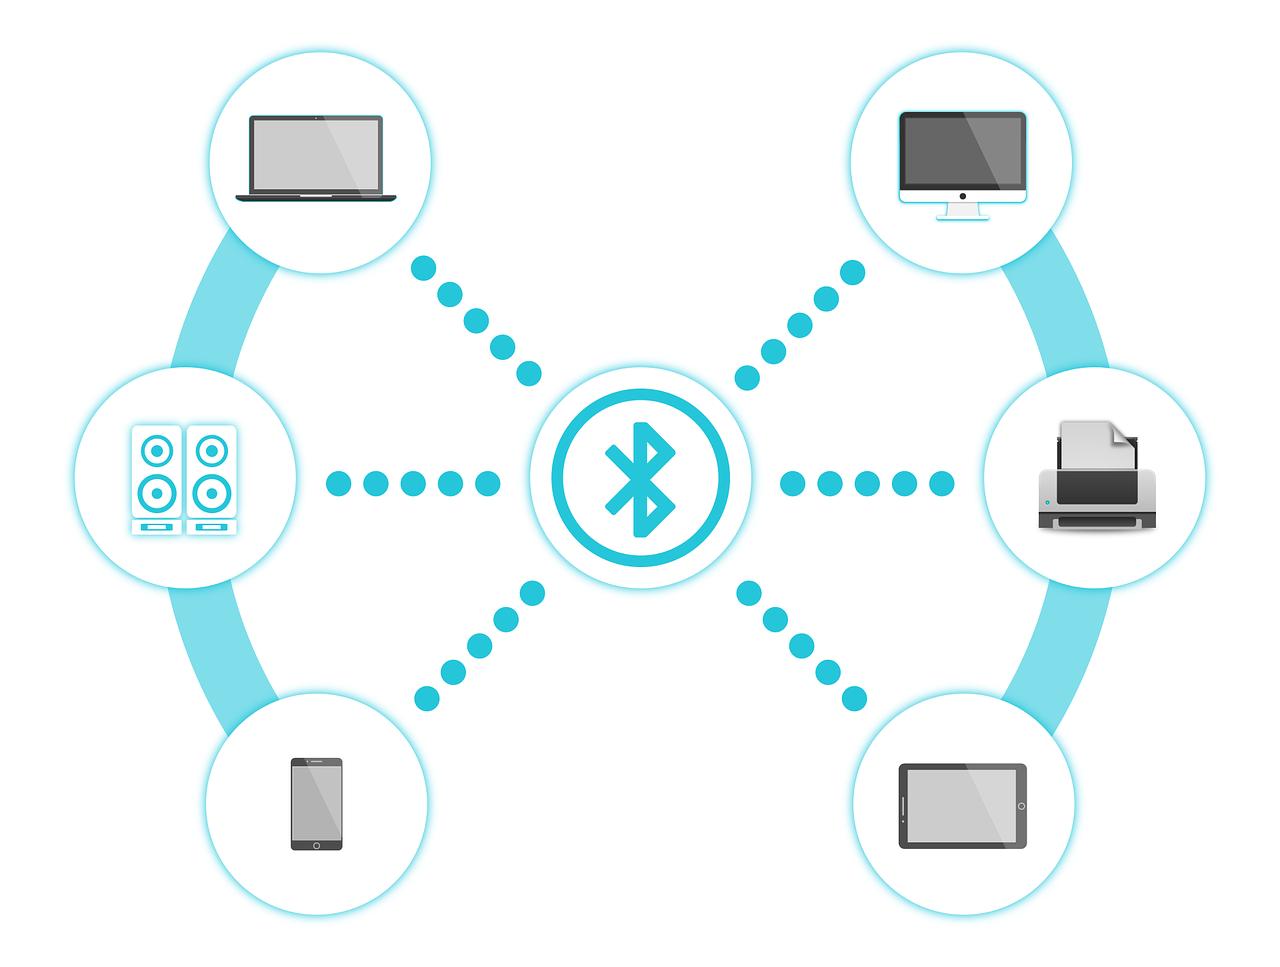 Win10でBluetooth USBアダプタを認識しない原因と対処方法